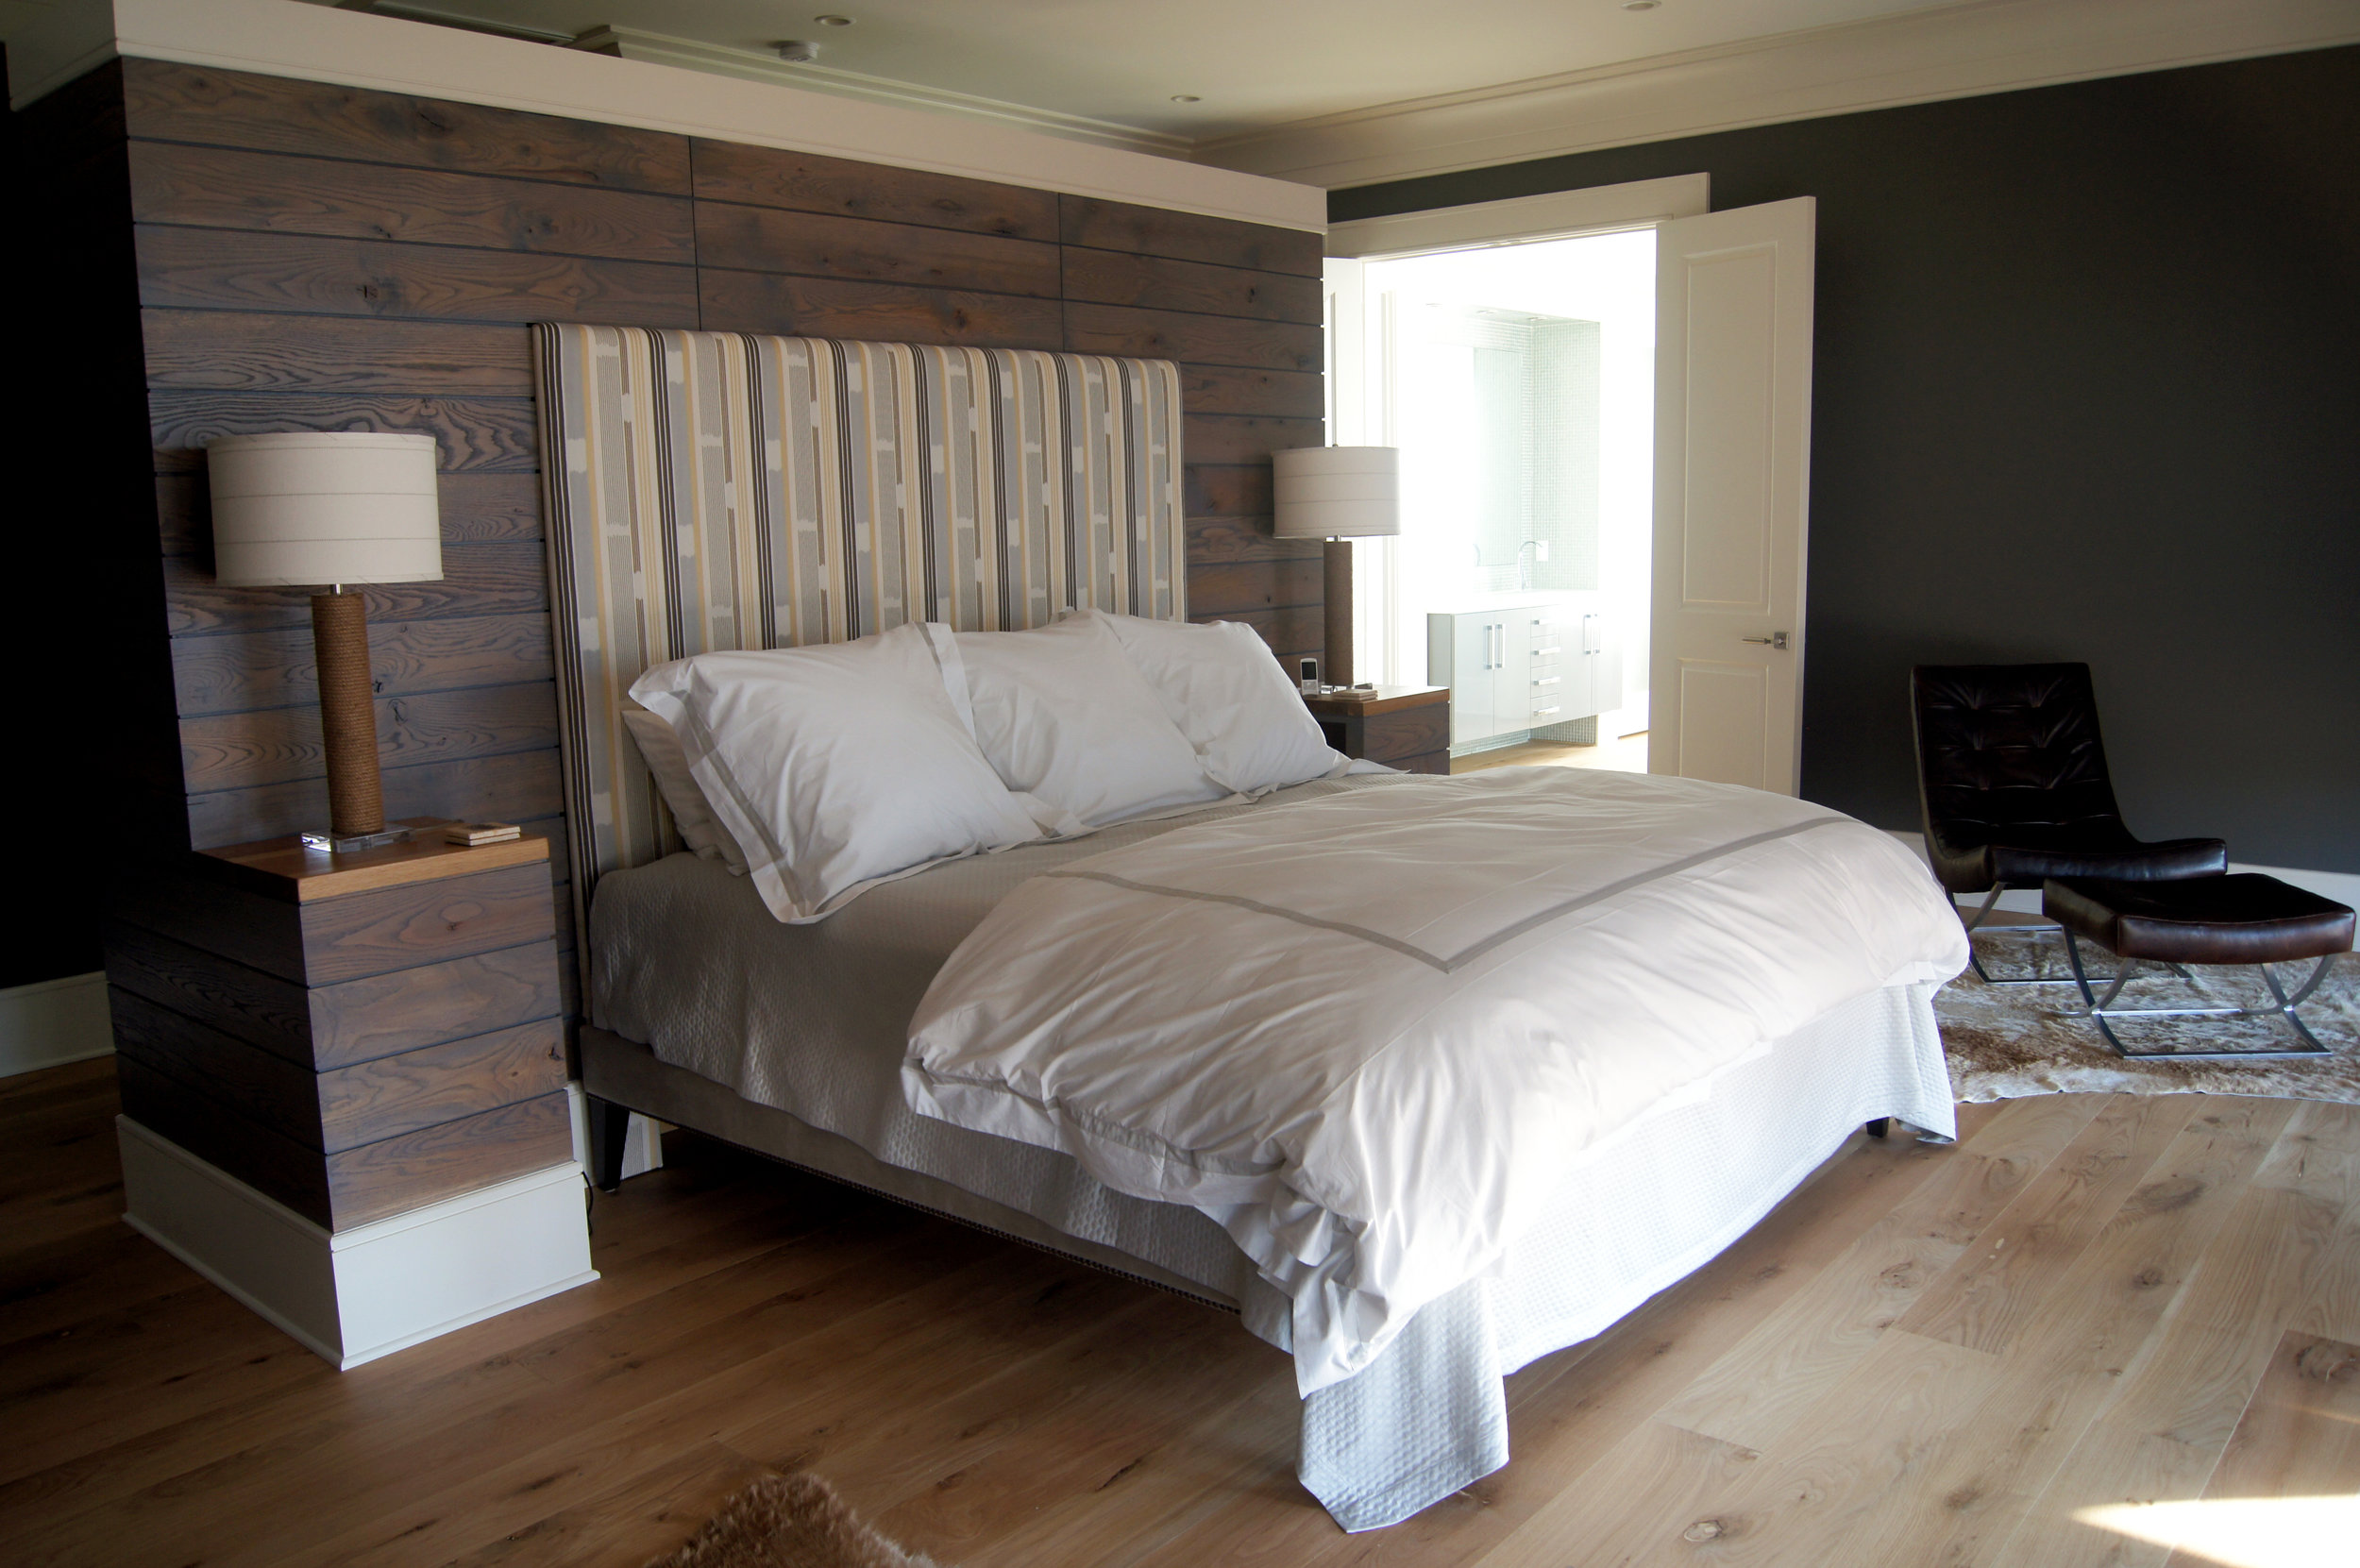 CC_master bedroom 1_edit.jpg